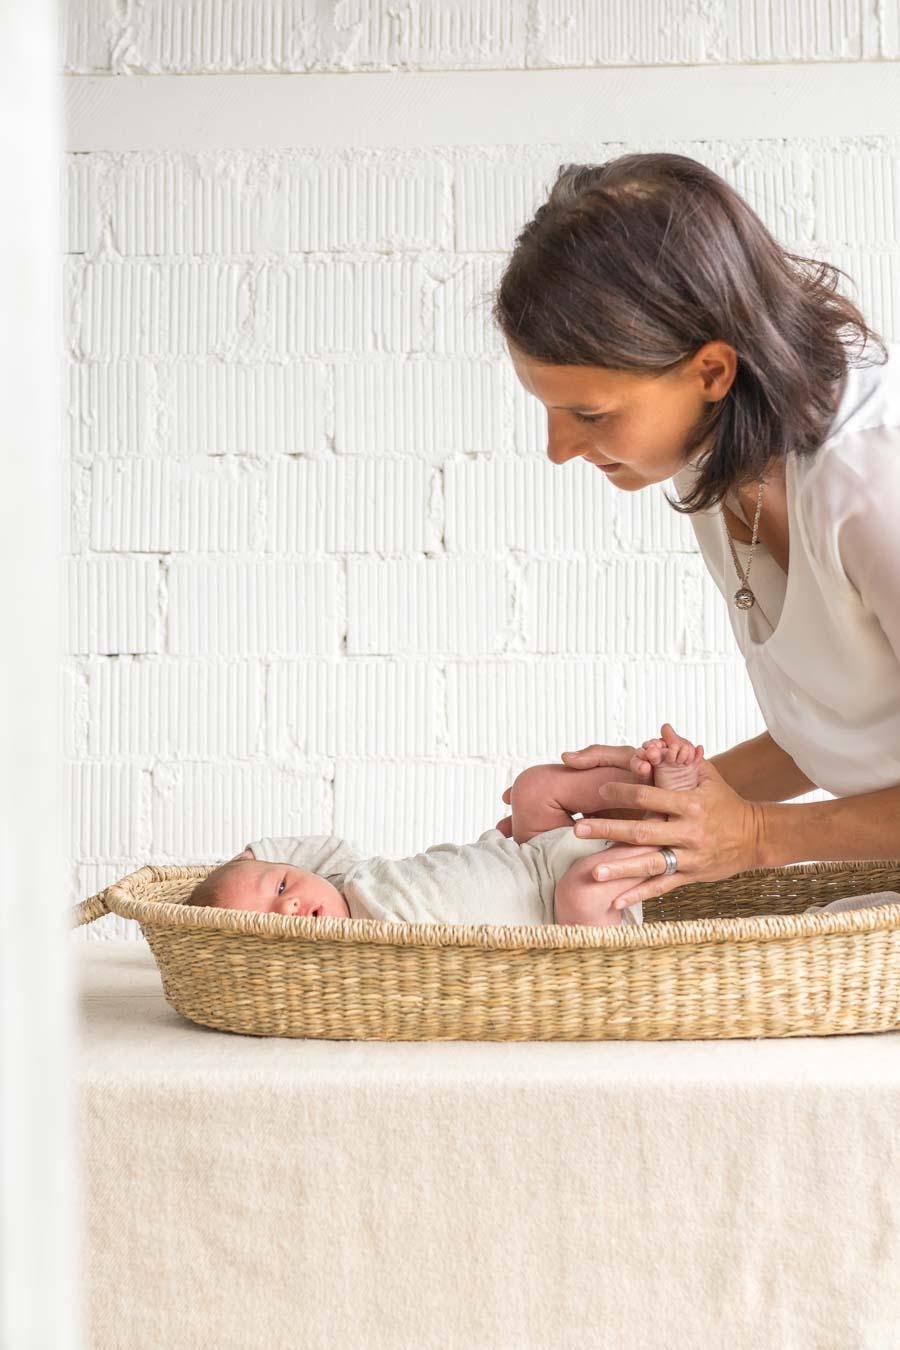 Kinästhethik Infant Handling: Neugeborene wickeln, Baby Windeln wechseln, Neugeborene richtig wickeln, sicher hinlegen und aufnehmen, achtsame Pflege, ganze Anleitung auf dem Blog www.chezmamapoule.com #wickeln #baby #anleitung #neugeborene #windeln #wechseln #infanthandling #kinästhethik #kinaesthetik